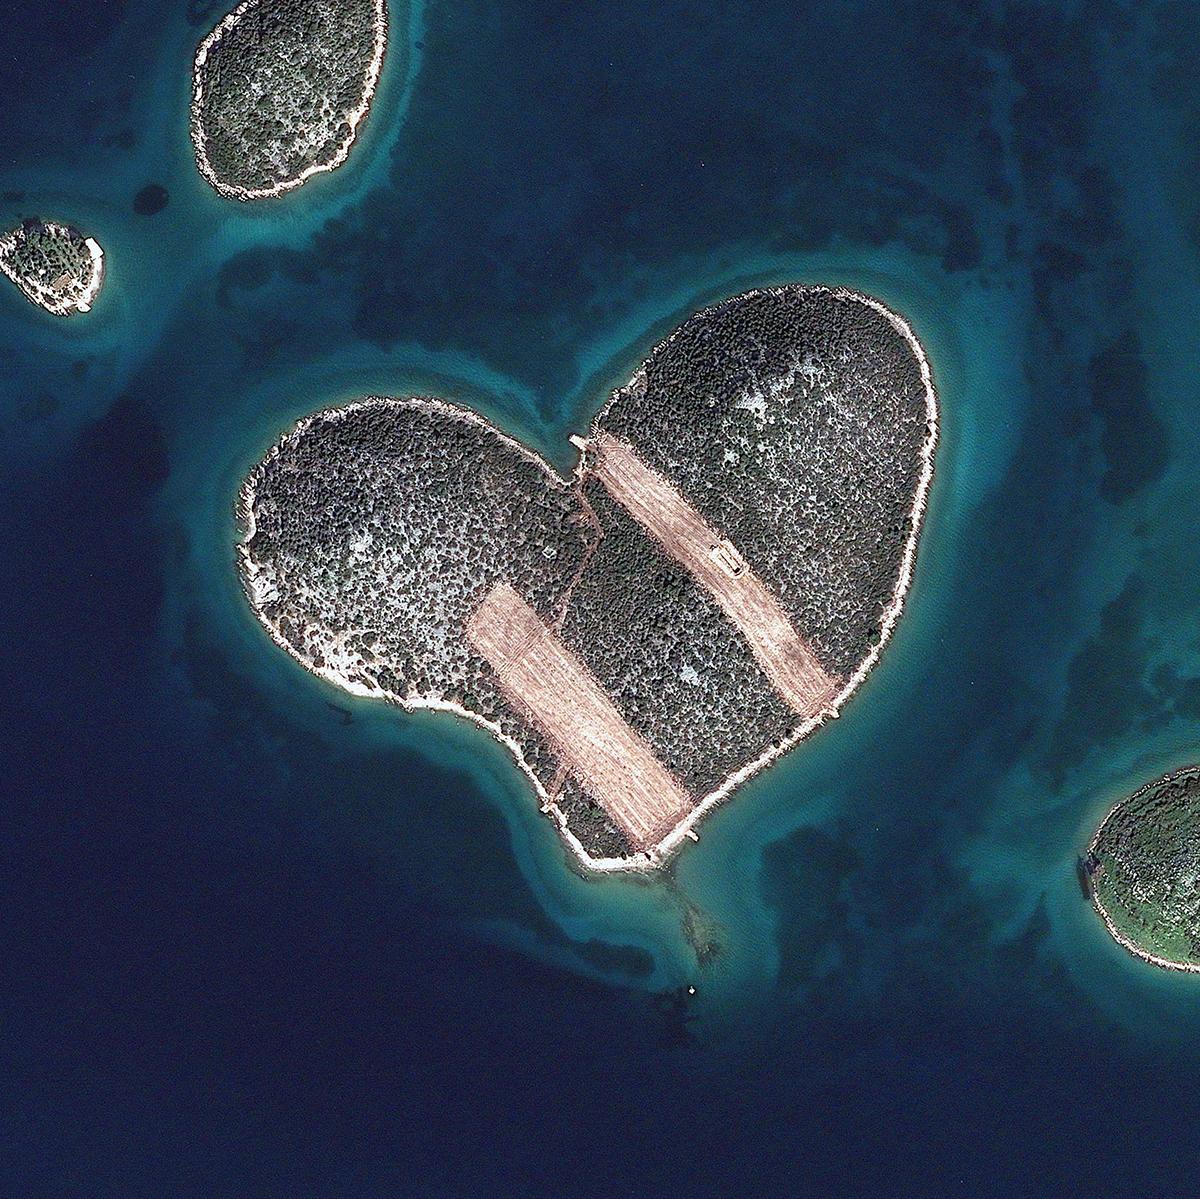 2013年2月16日,克罗地亚,心形岛。